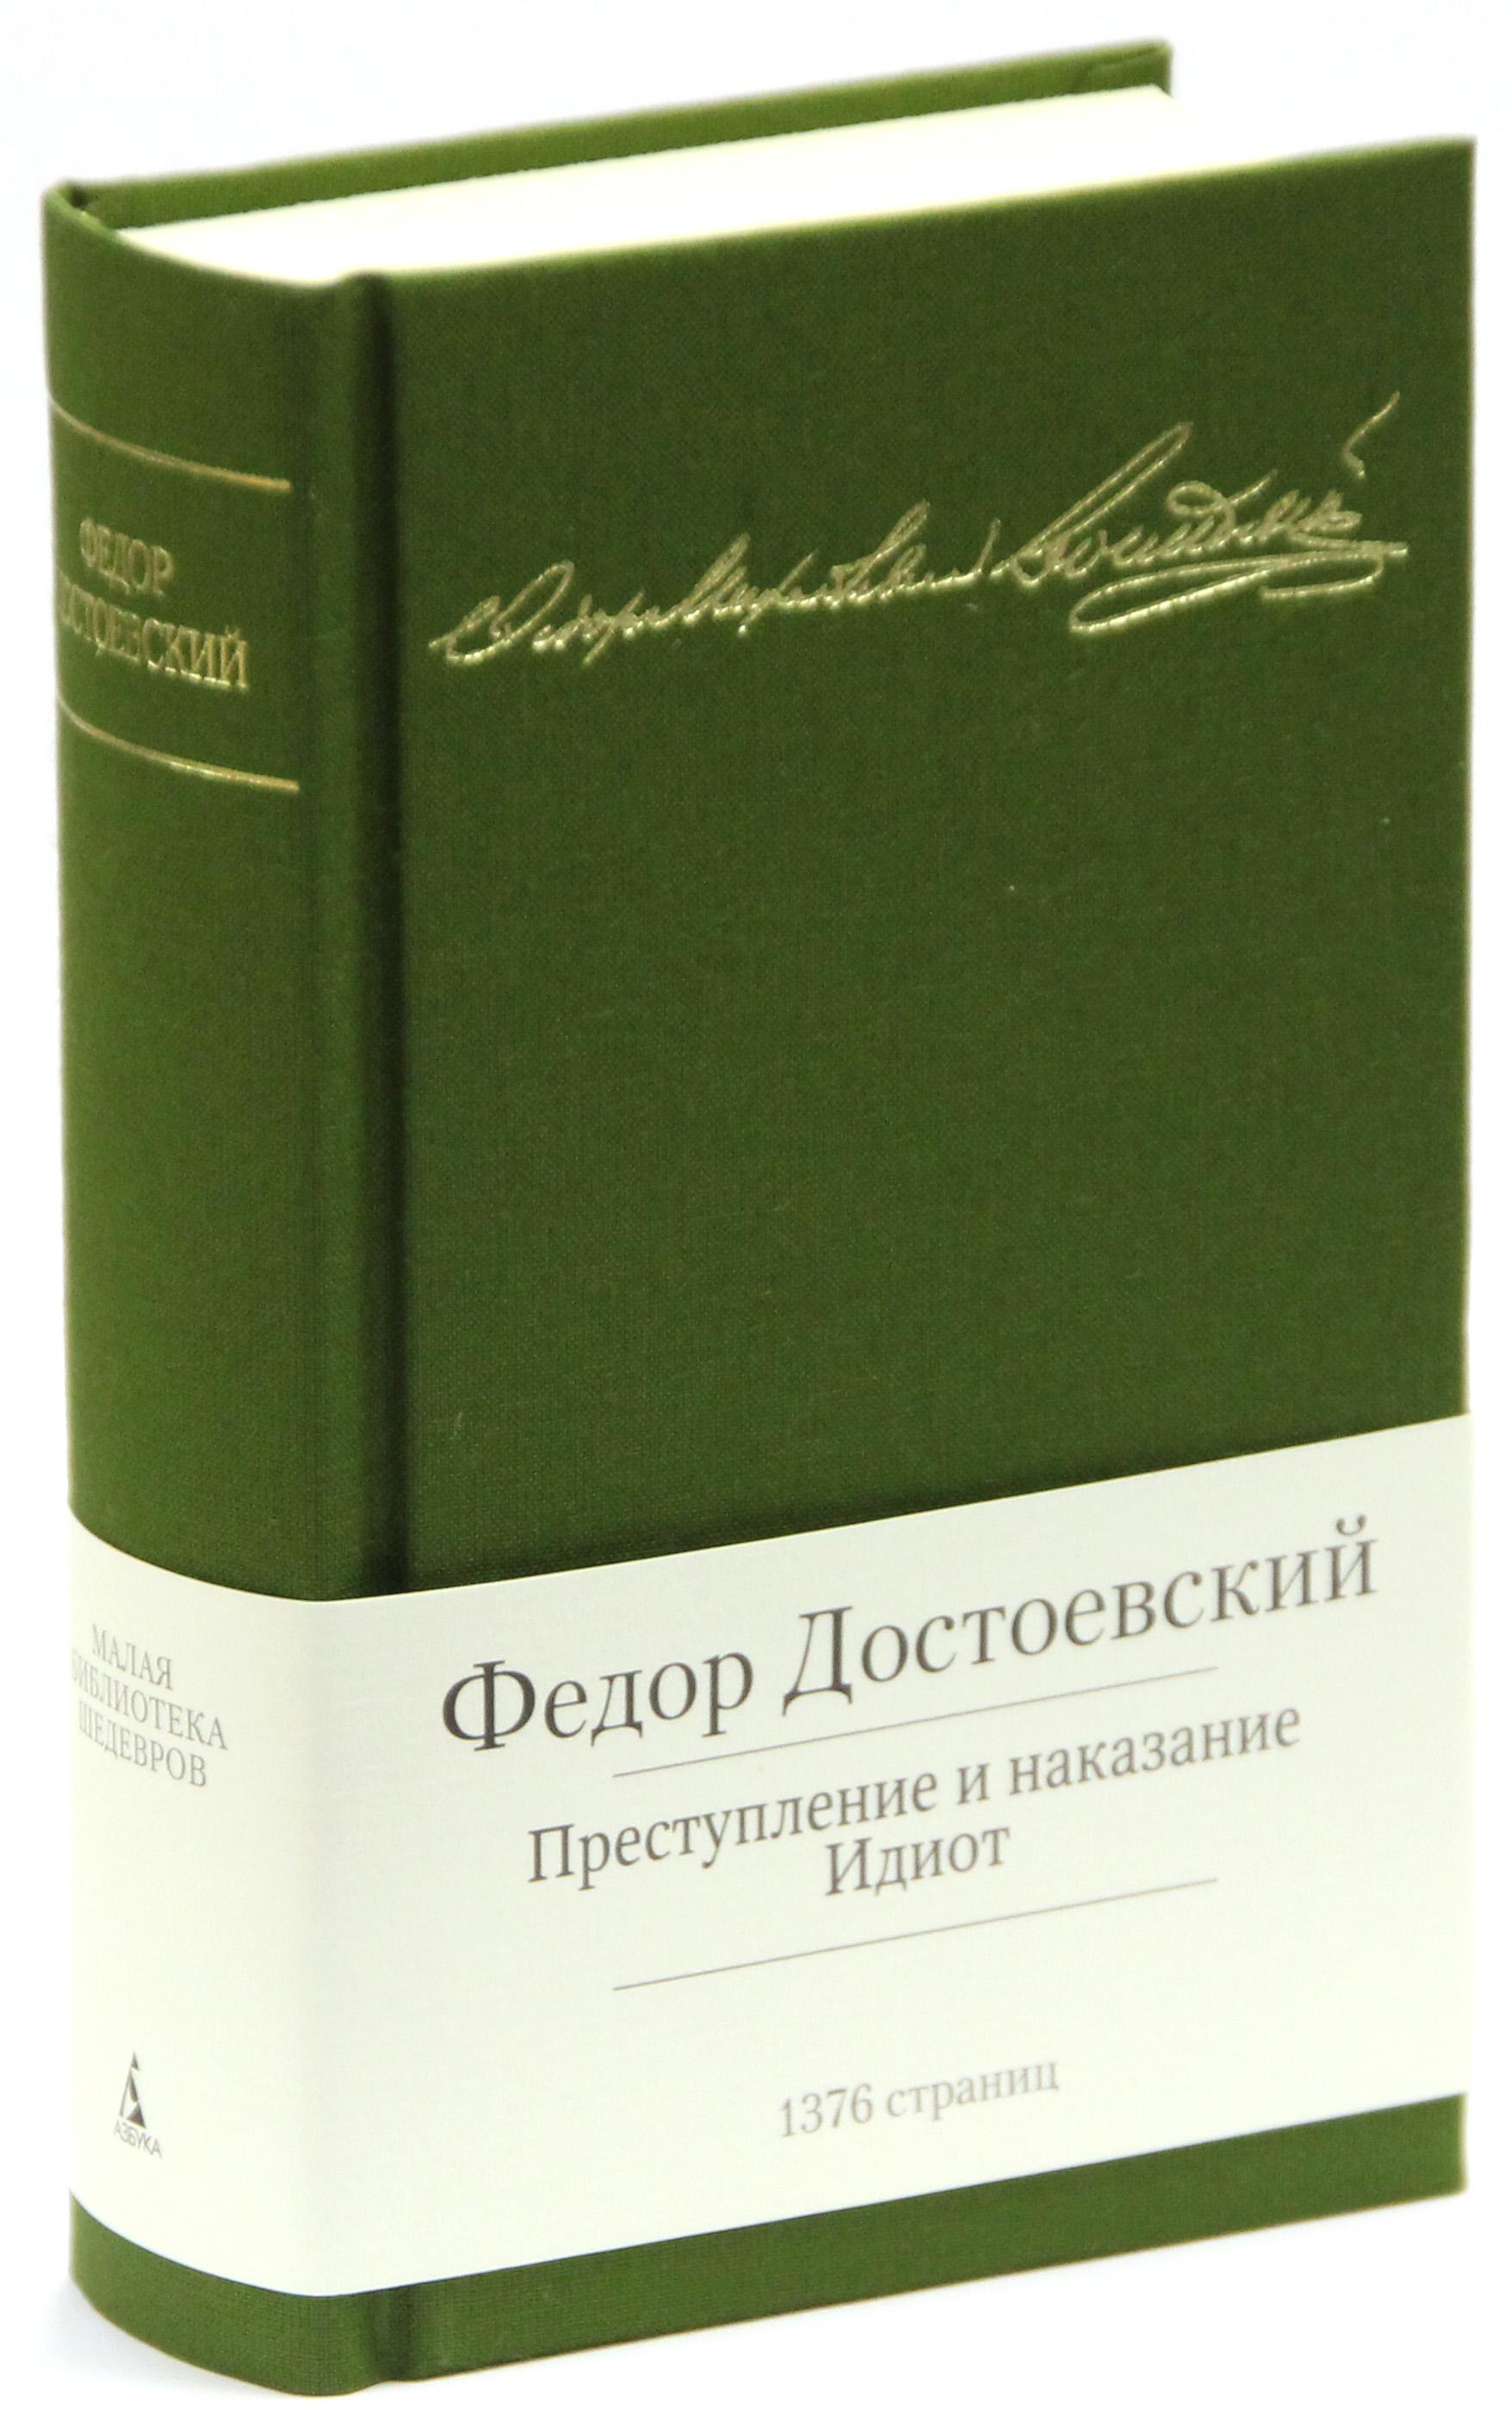 Книга преступление и наказание скорочено